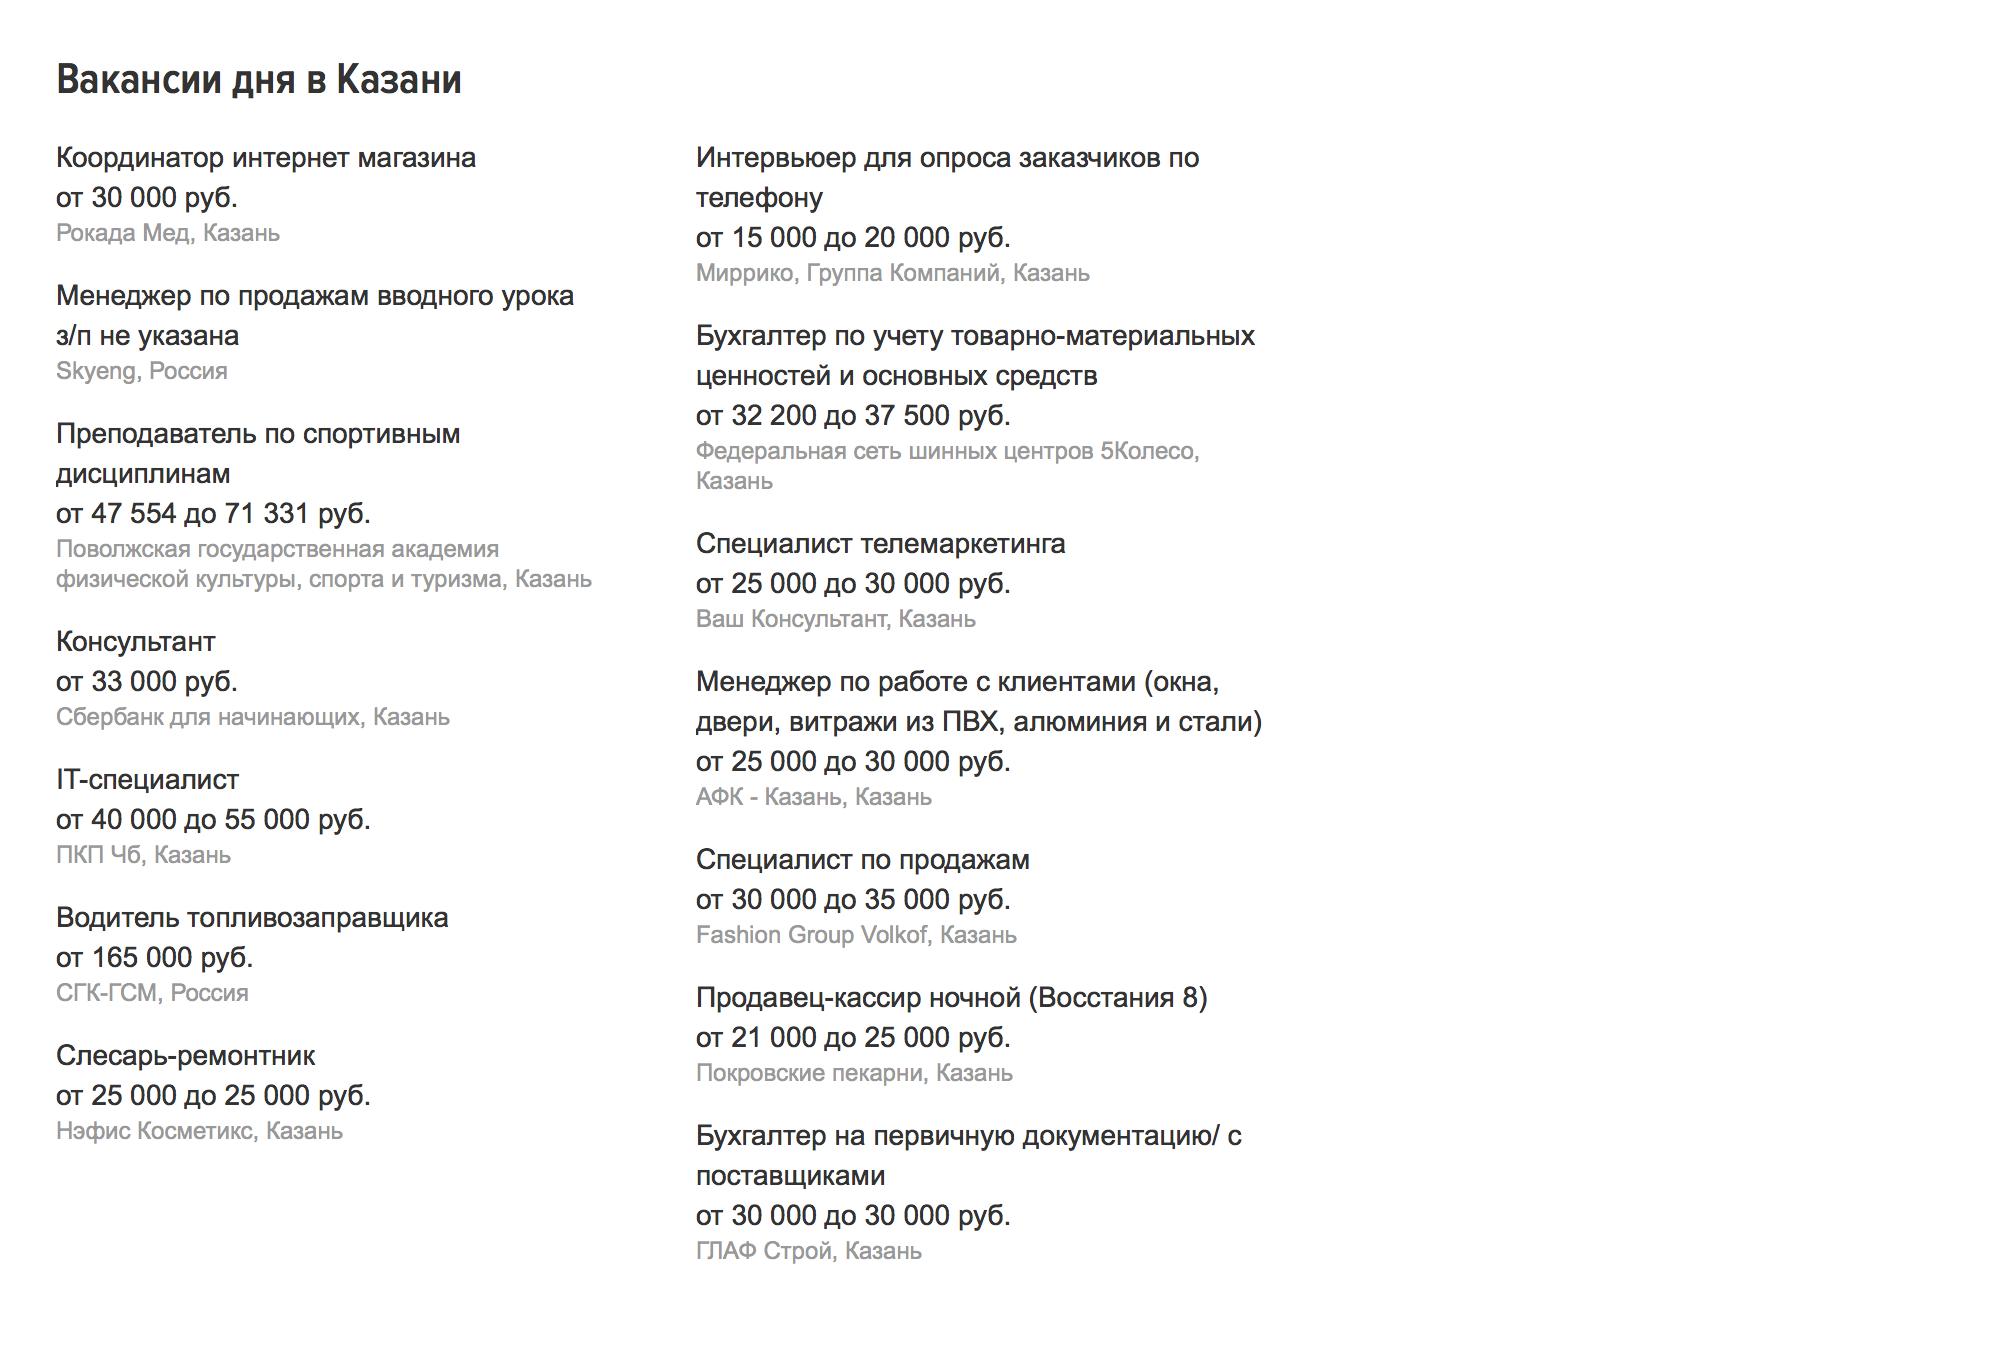 Средние зарплаты в Казани. Продавец, слесарь и менеджер получают 25 тысяч рублей